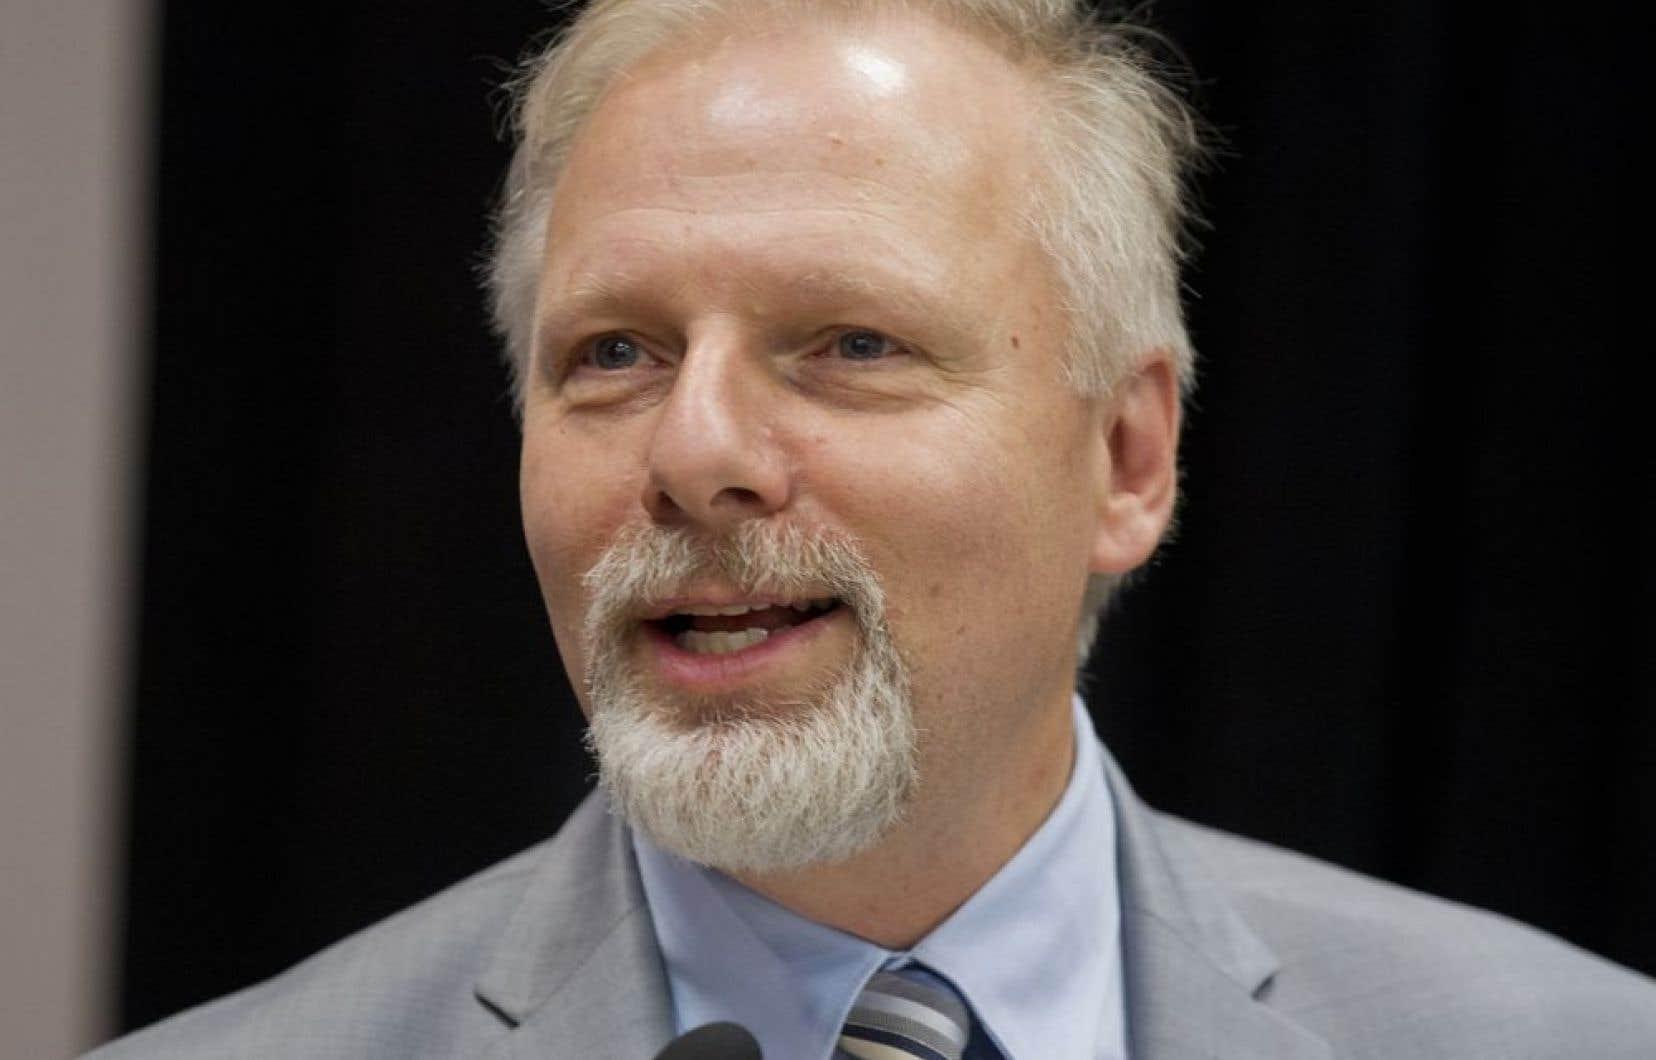 Le ministre Jean-François Lisée recule devant le tollé et annonce qu'il versera son salaire de l'Université de Montréal à une bonne cause.